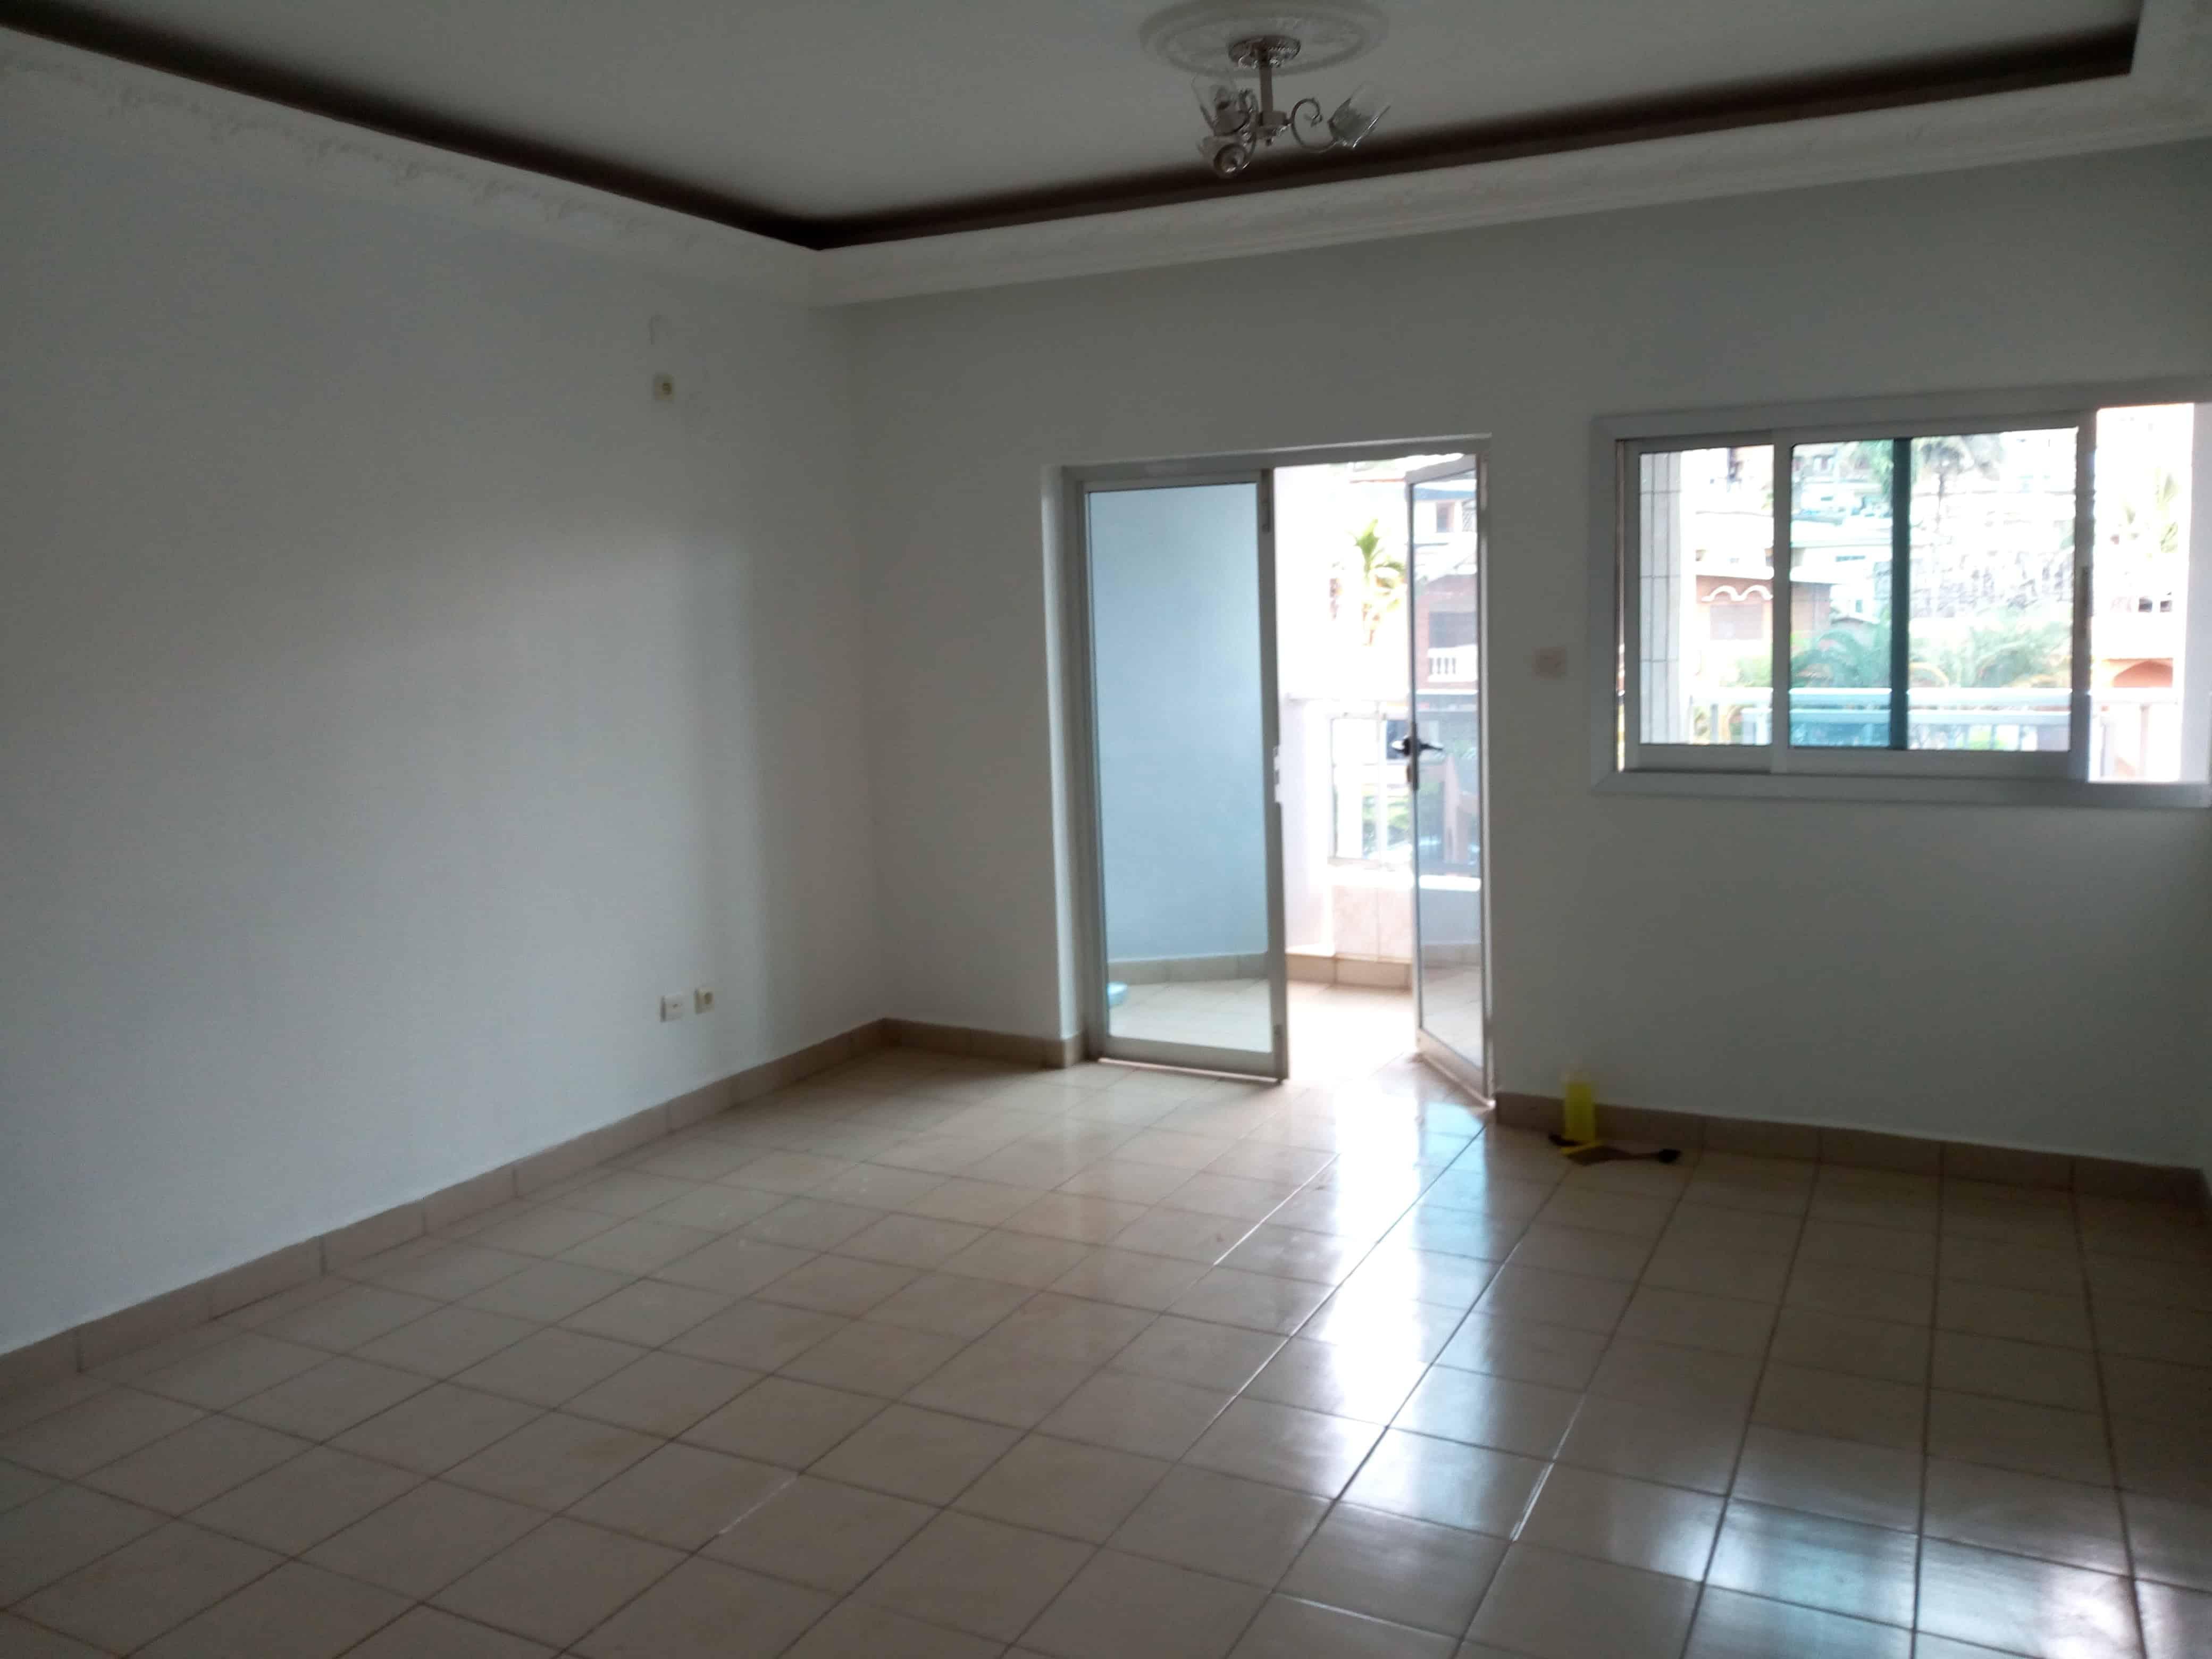 Appartement à louer - Yaoundé, Biyem-Assi, immobilier - 1 salon(s), 2 chambre(s), 1 salle(s) de bains - 150 000 FCFA / mois